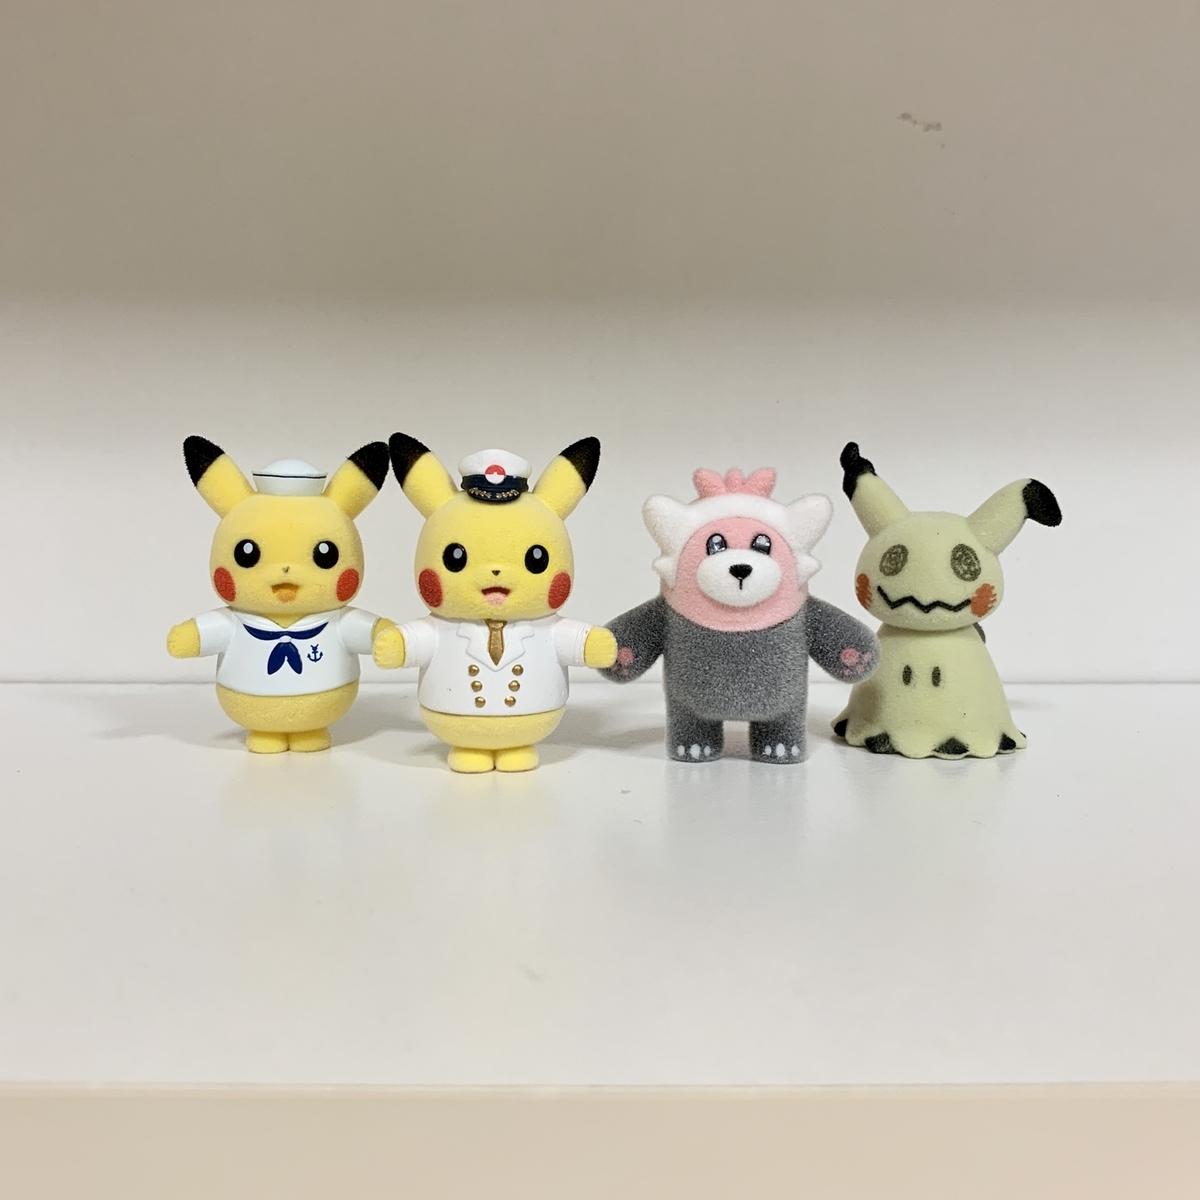 f:id:pikachu_pcn:20200905200729j:plain